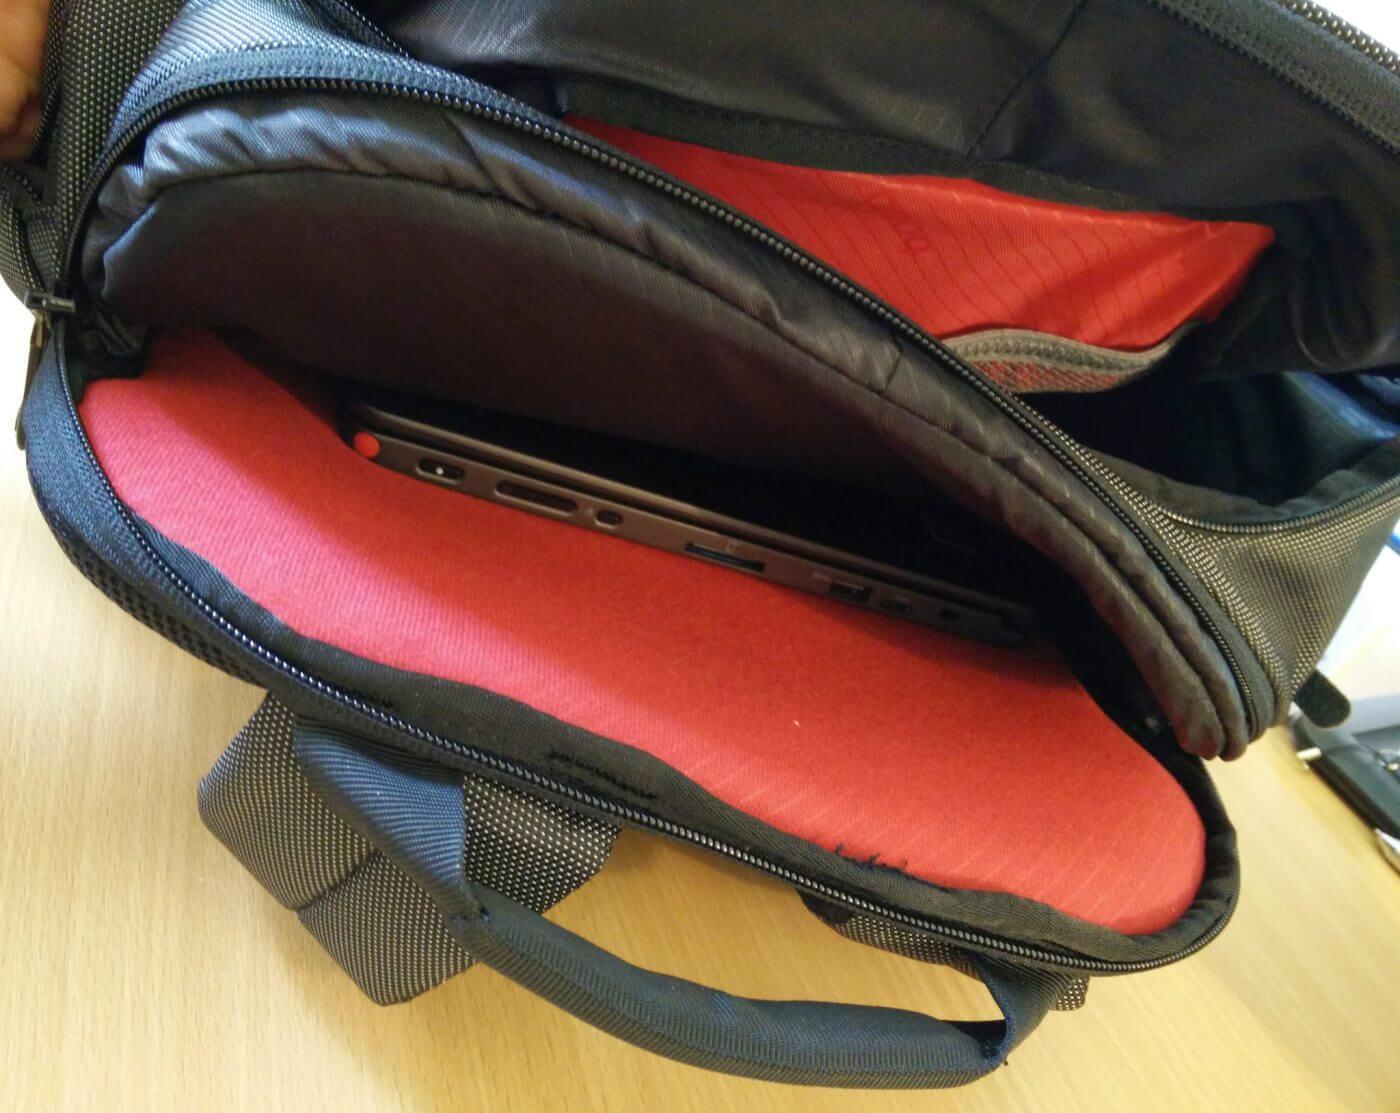 Booq Taipan Shock laptop pocket